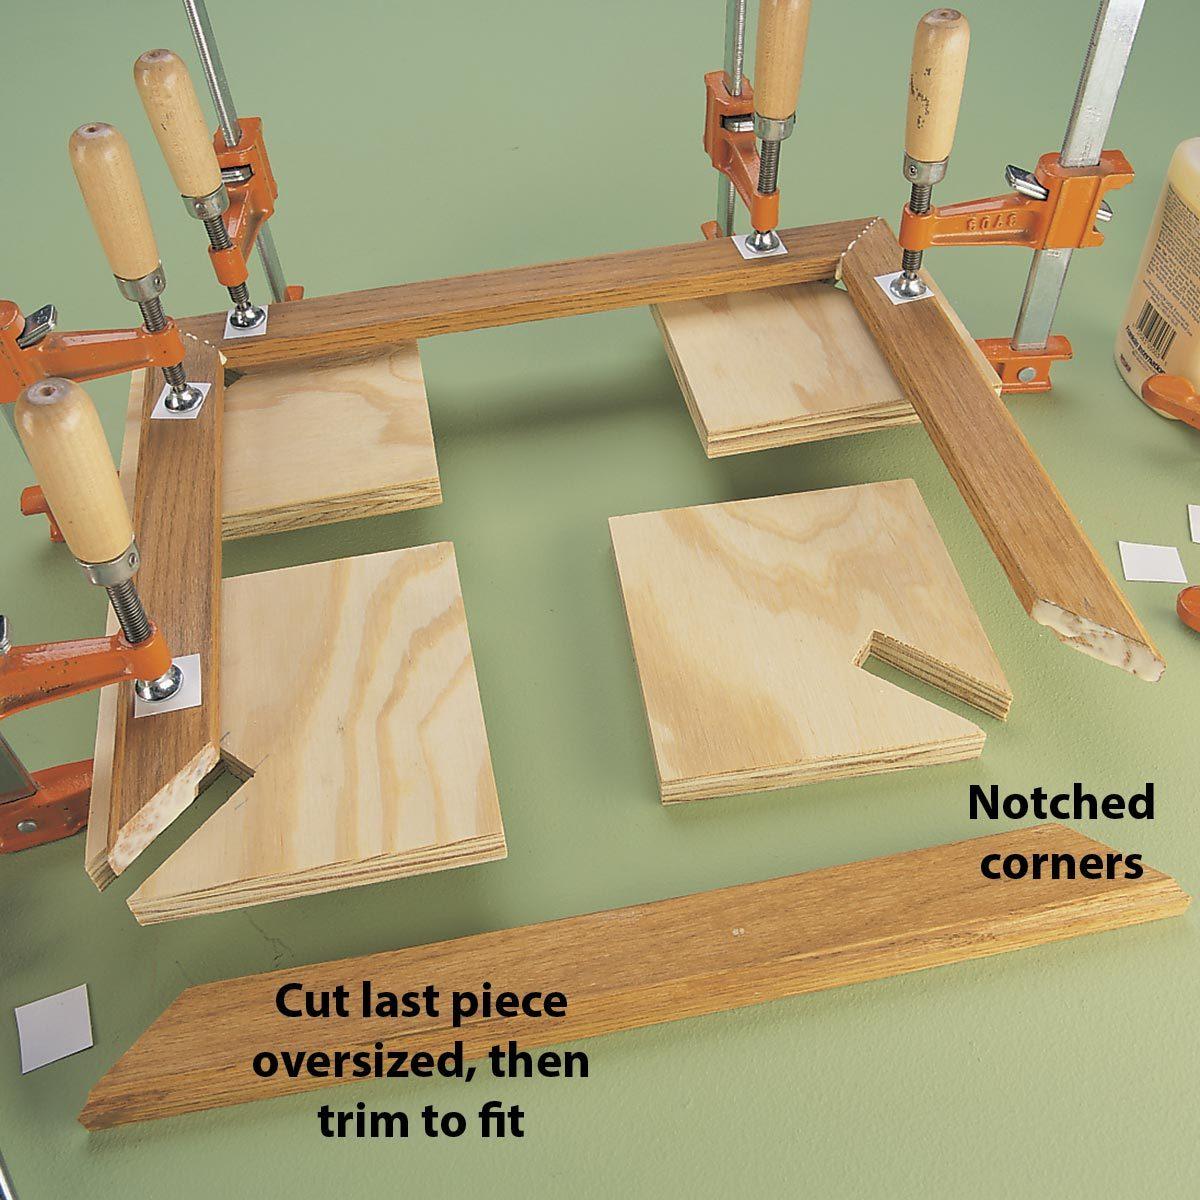 Corner gluing aid tip